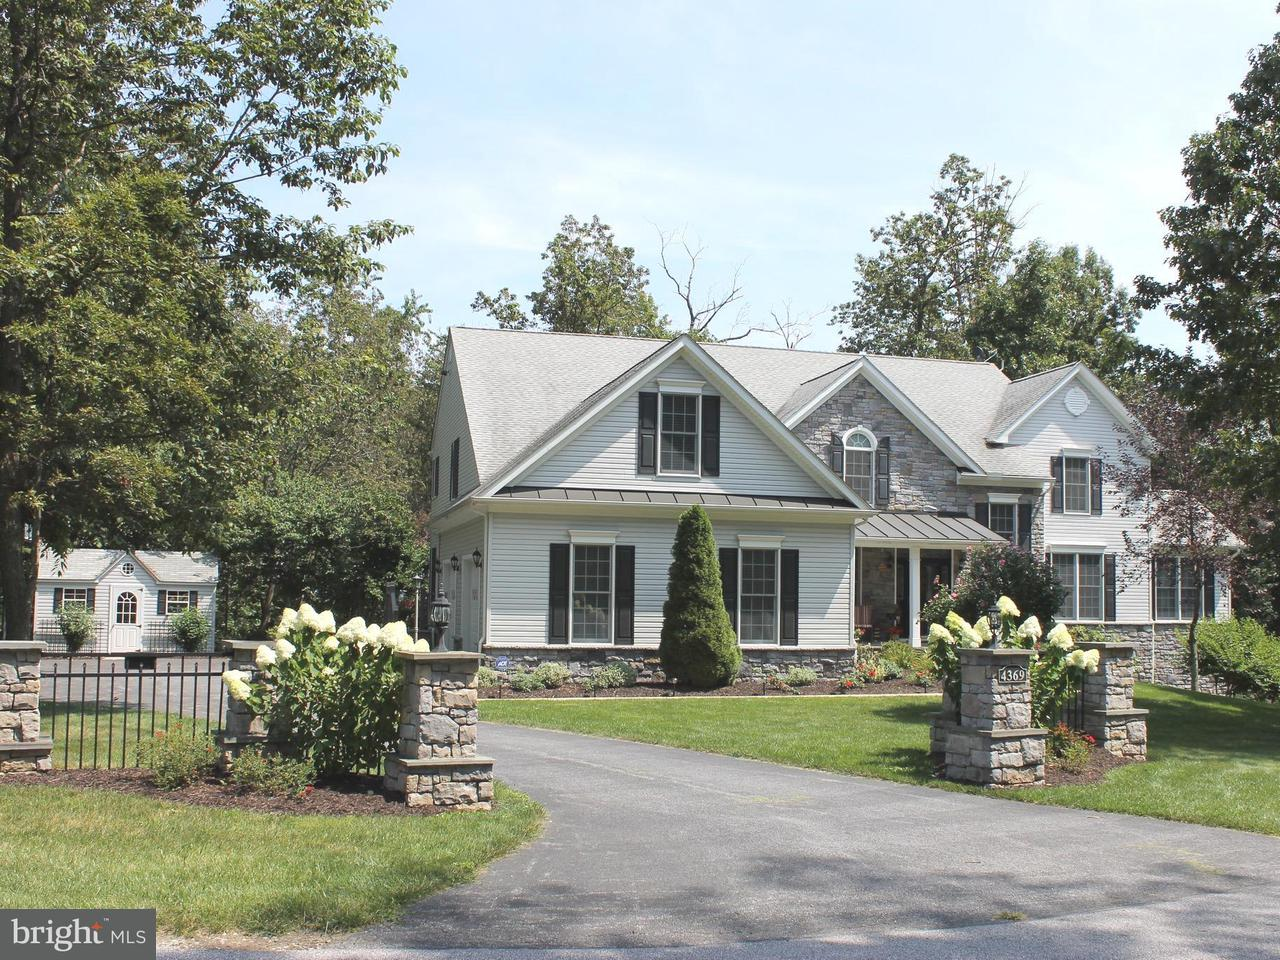 Einfamilienhaus für Verkauf beim 4369 Partnership Dr N 4369 Partnership Dr N Manchester, Maryland 21102 Vereinigte Staaten